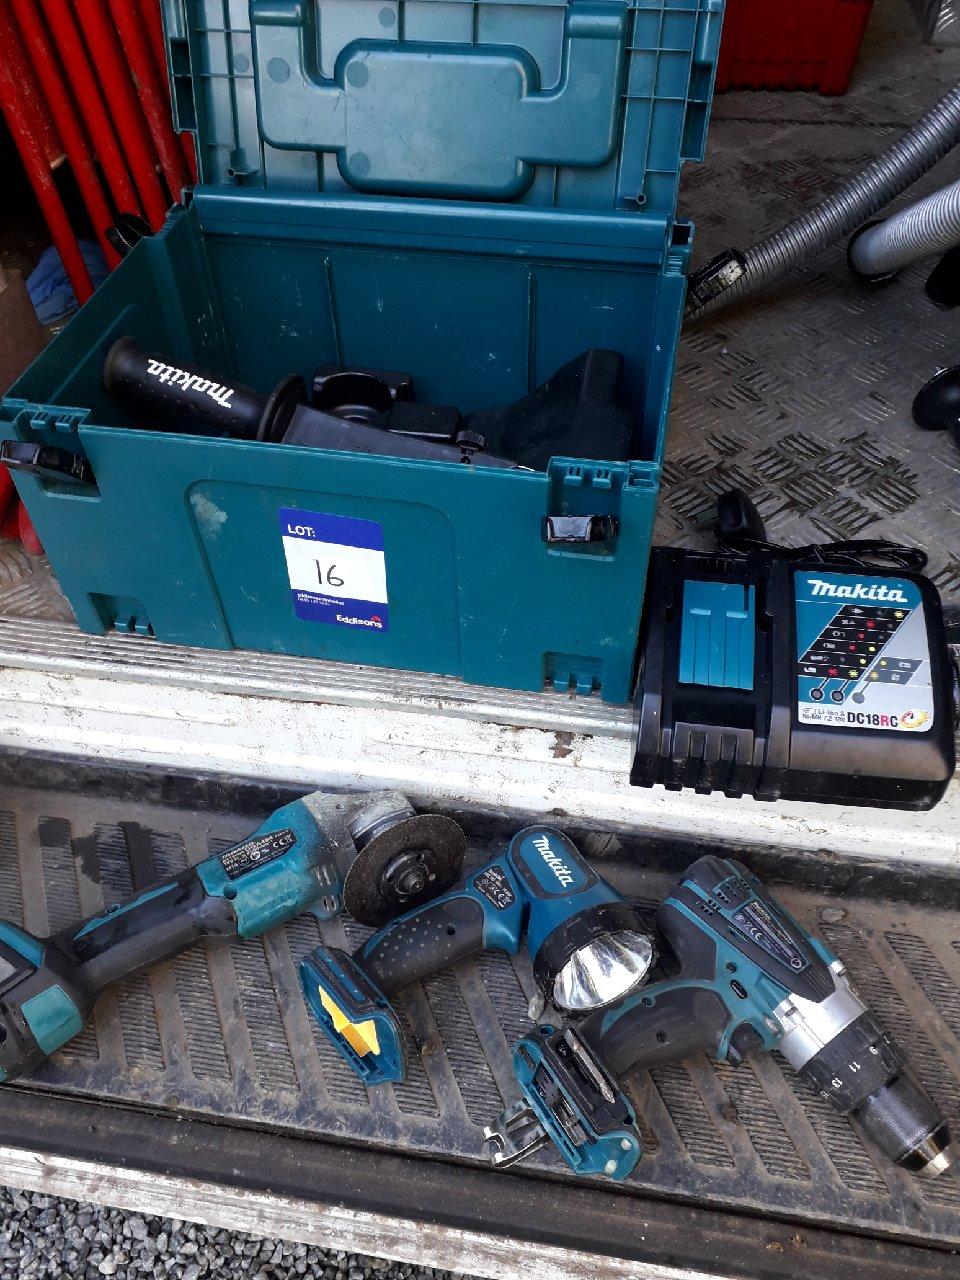 Lot 16 - Cordless Makita tools consisting of Makita fast charger, Makita DHP458 cordless hammer drill, Makita